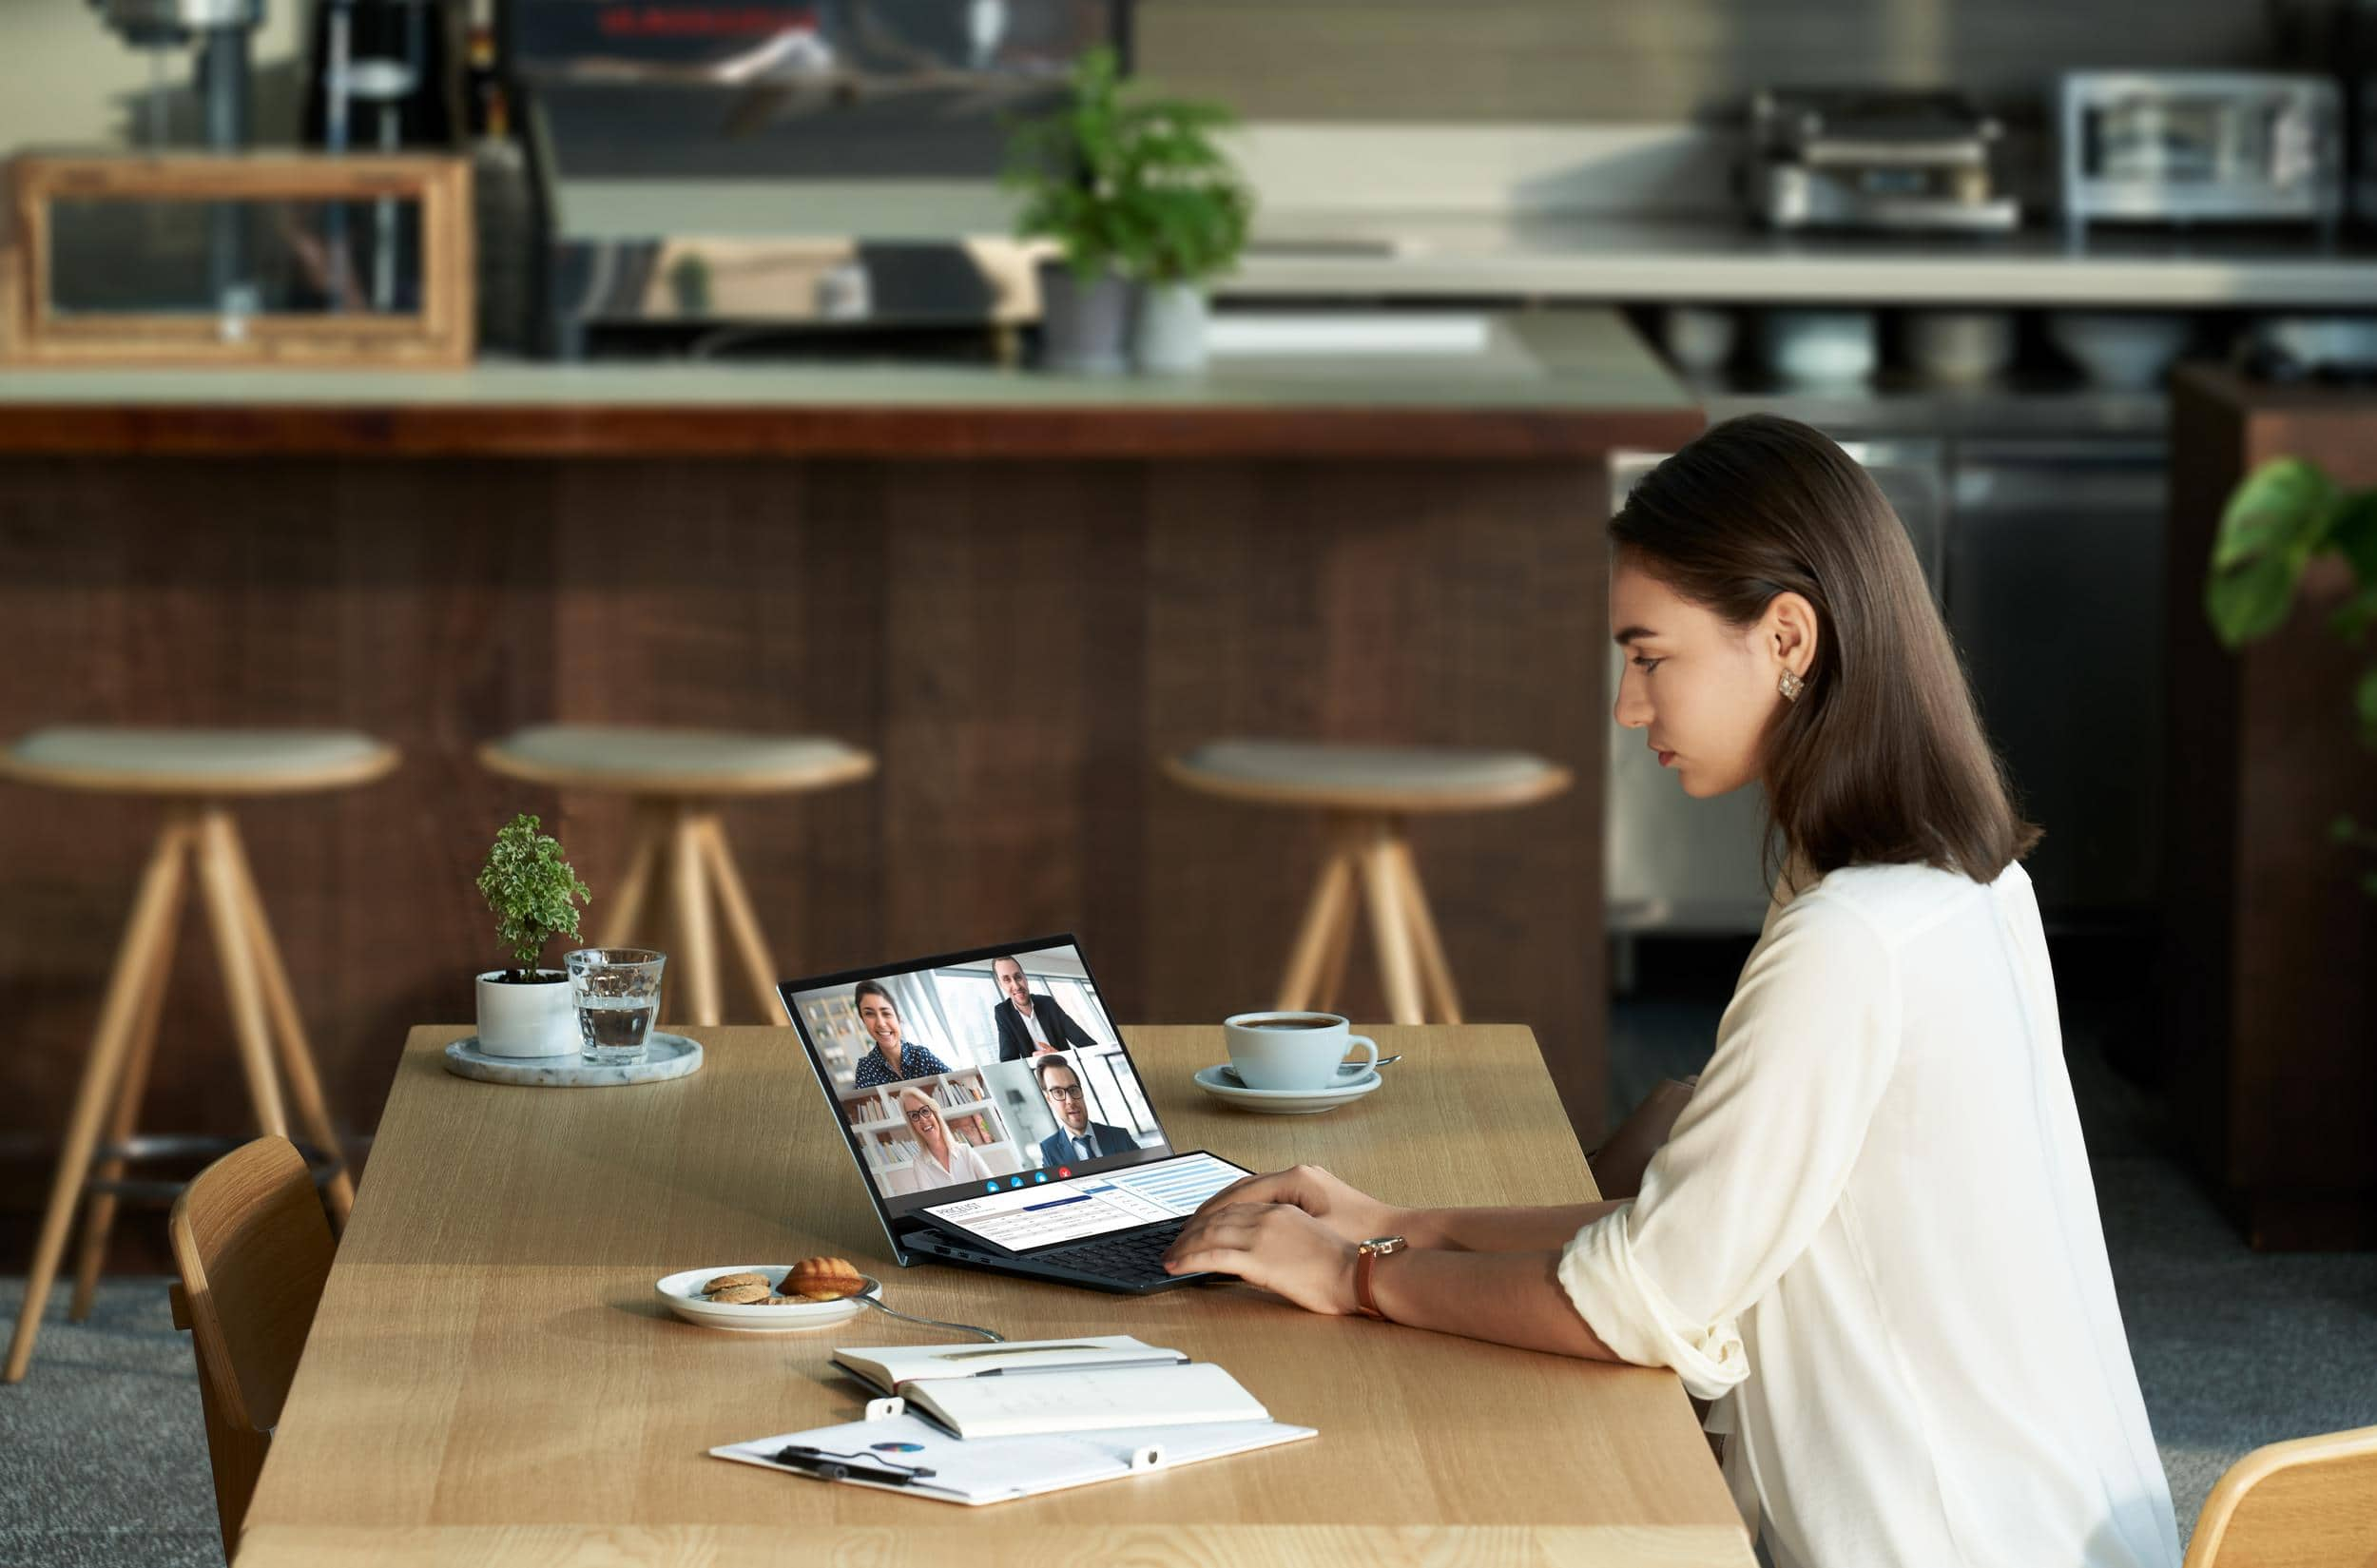 ZenBook Duo 14 UX482 mới là siêu phẩm hướng đến khả năng làm việc đa nhiệm với thiết kế 2 màn hình trên cùng một thân máy nhỏ gọn